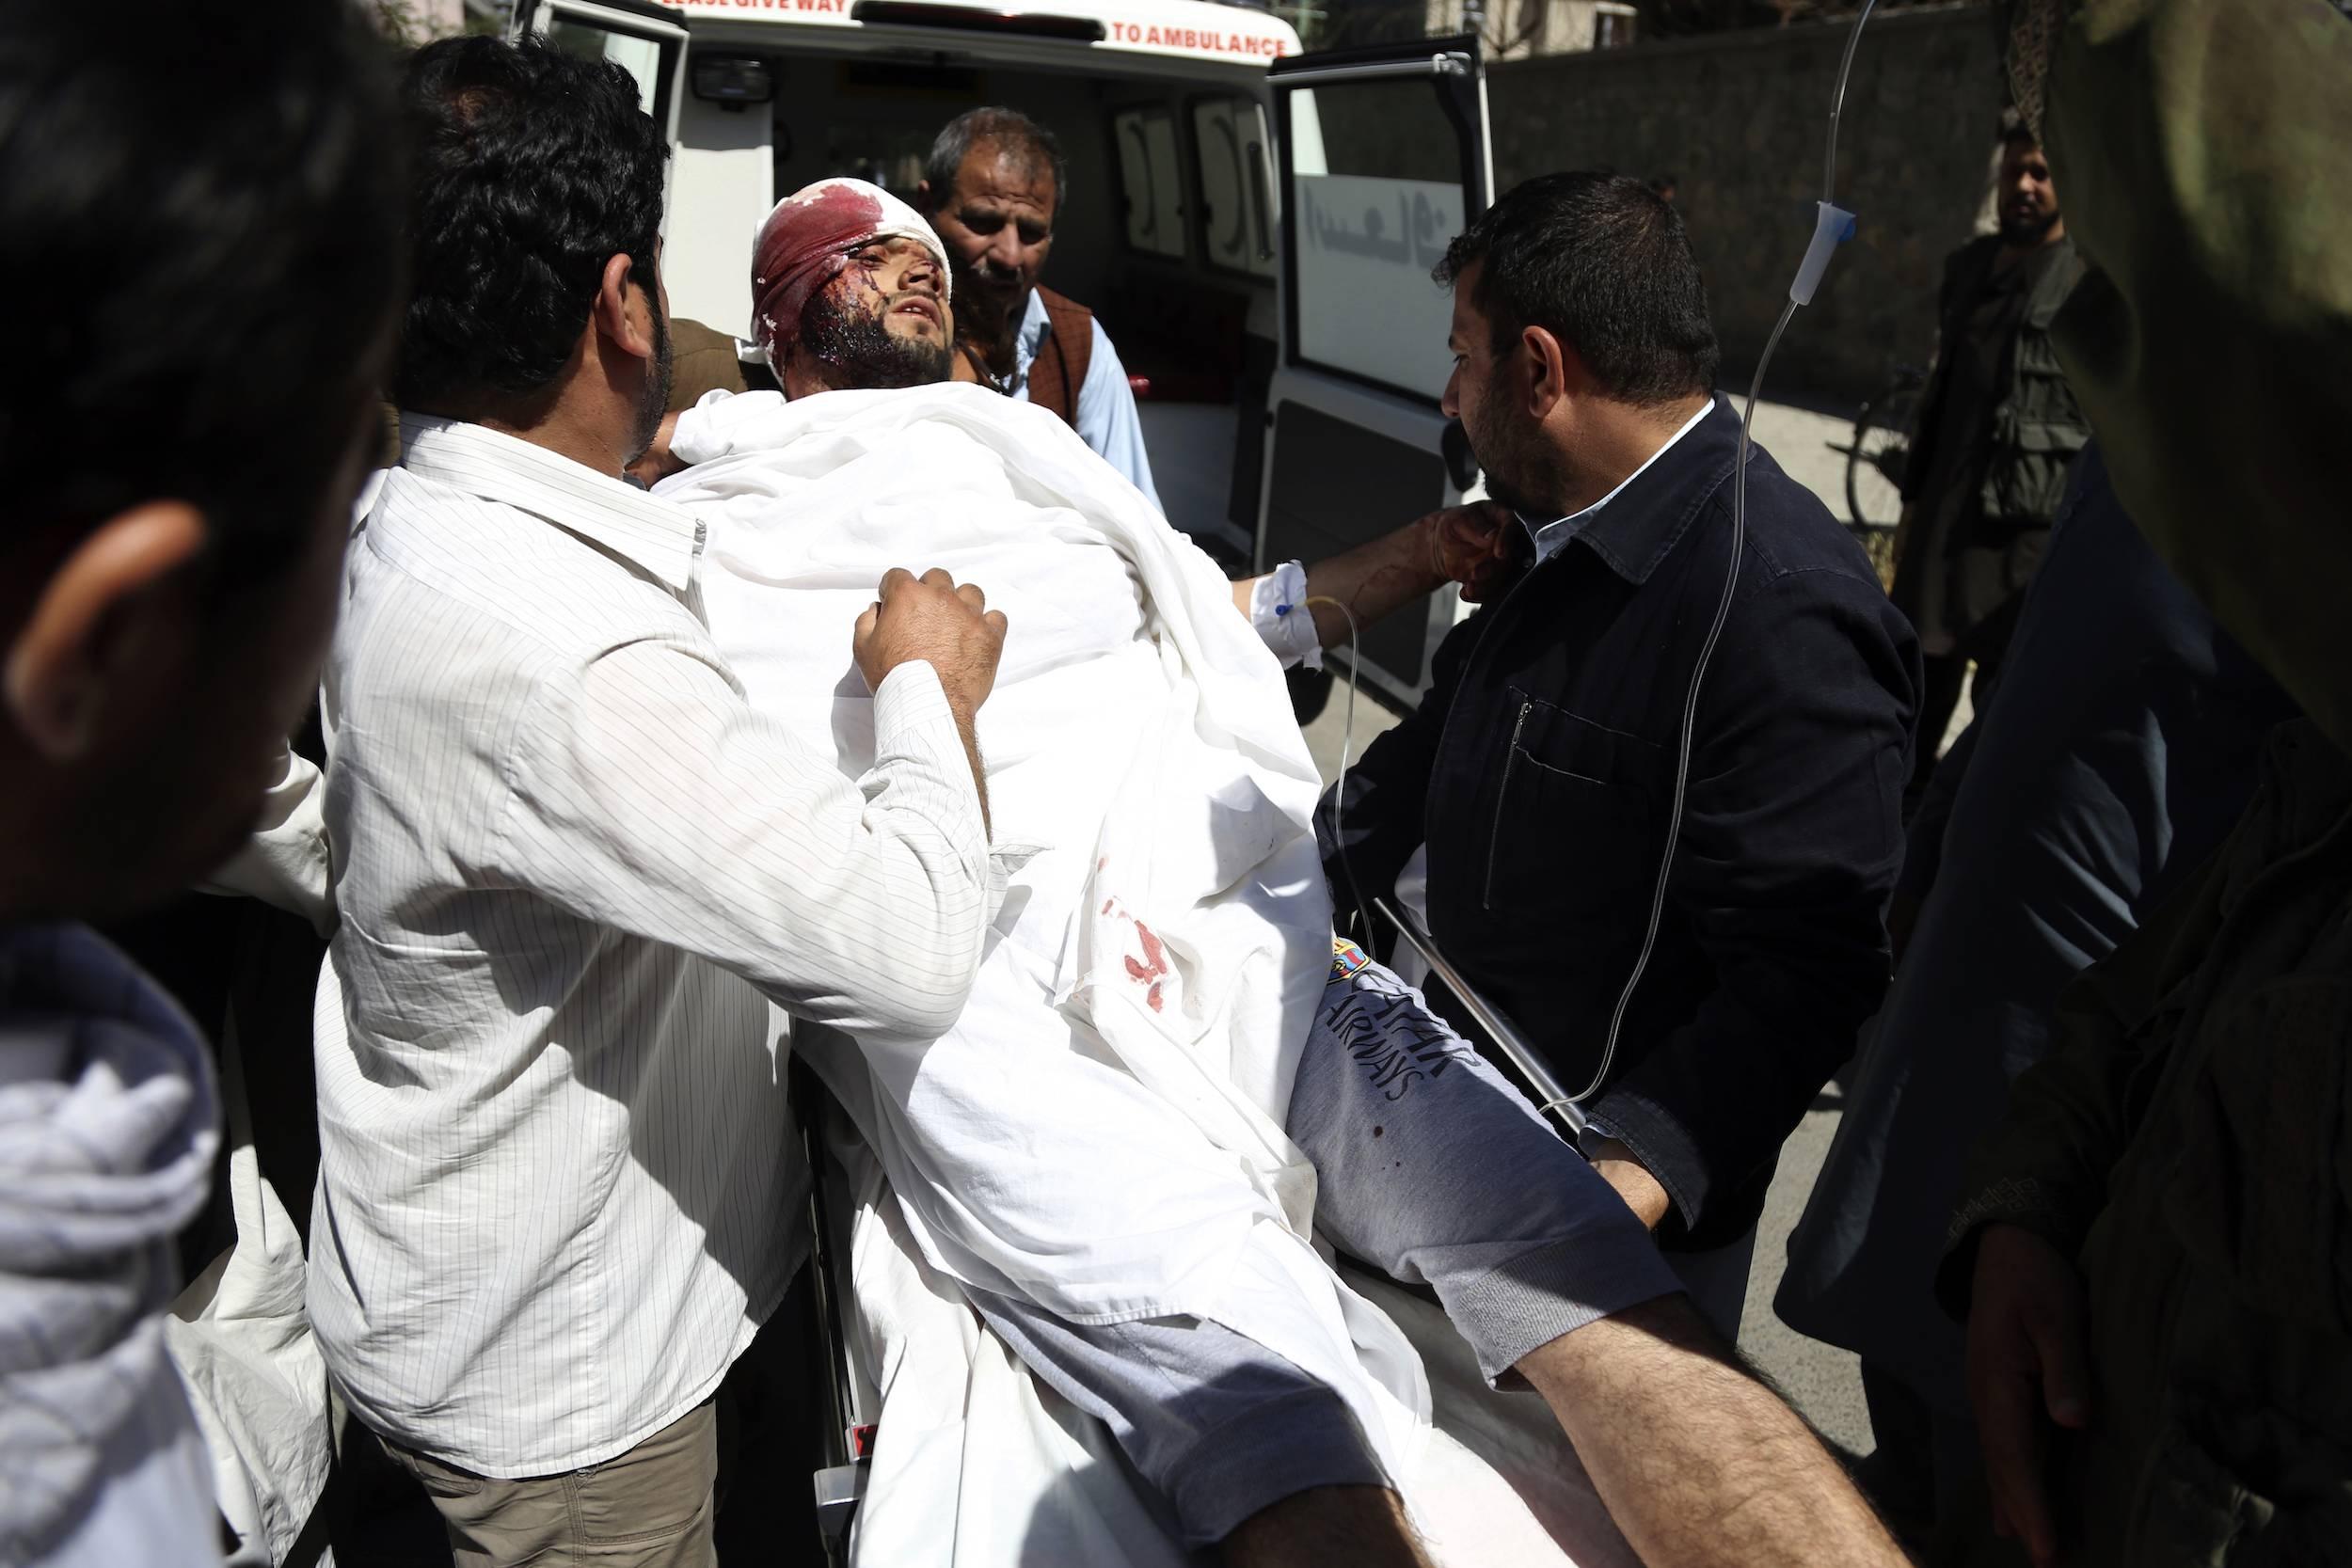 Al momento, se han reportado aproximadamente 350 heridos tras el ataque. / Foto: AP